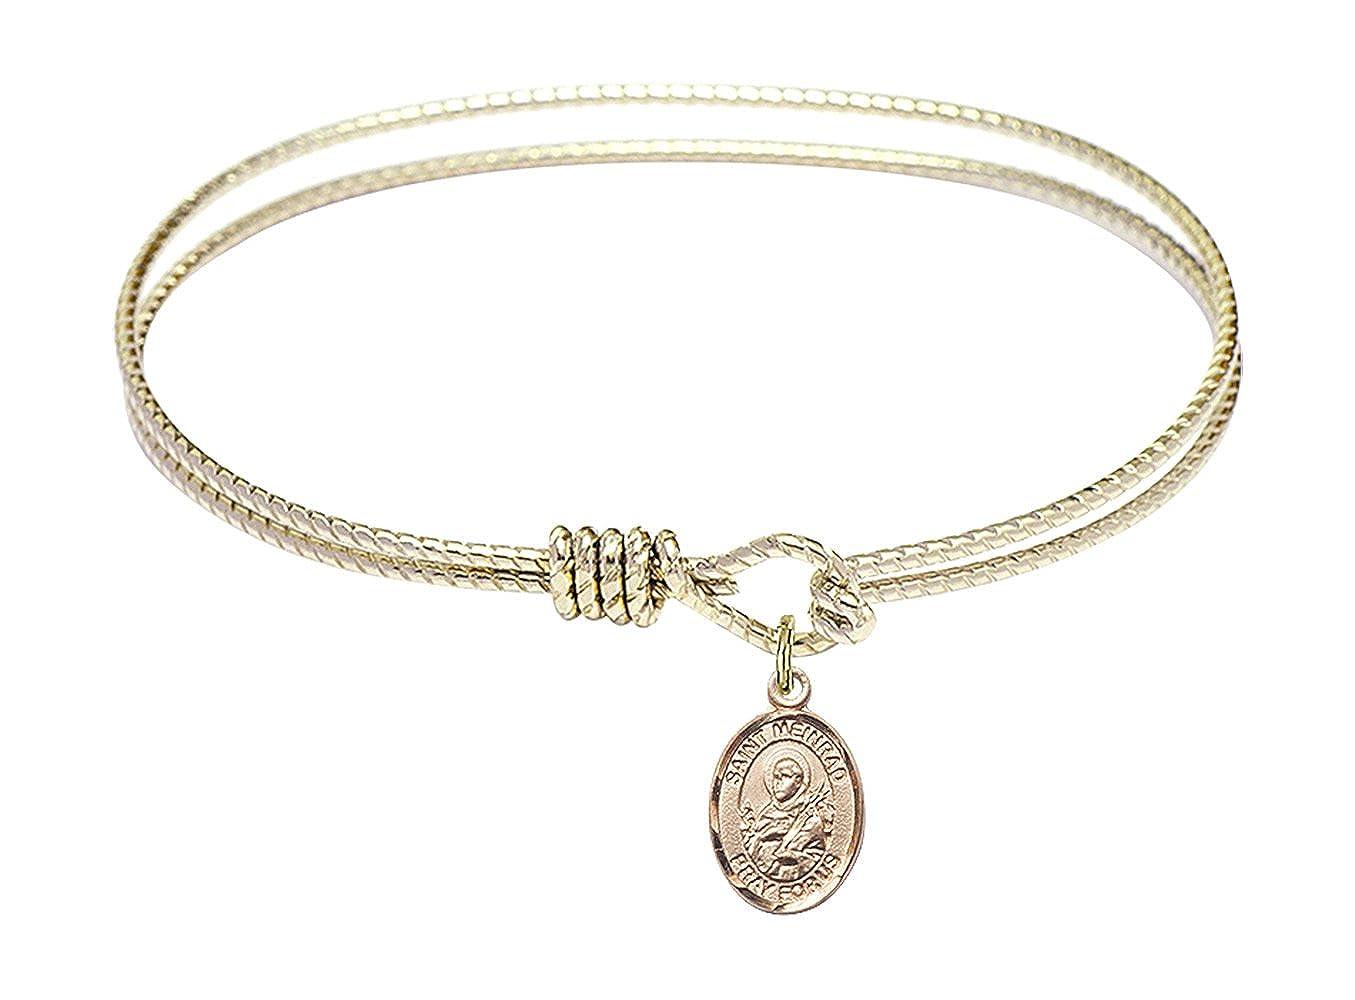 Meinrad of Einsiedeln Charm. DiamondJewelryNY Eye Hook Bangle Bracelet with a St